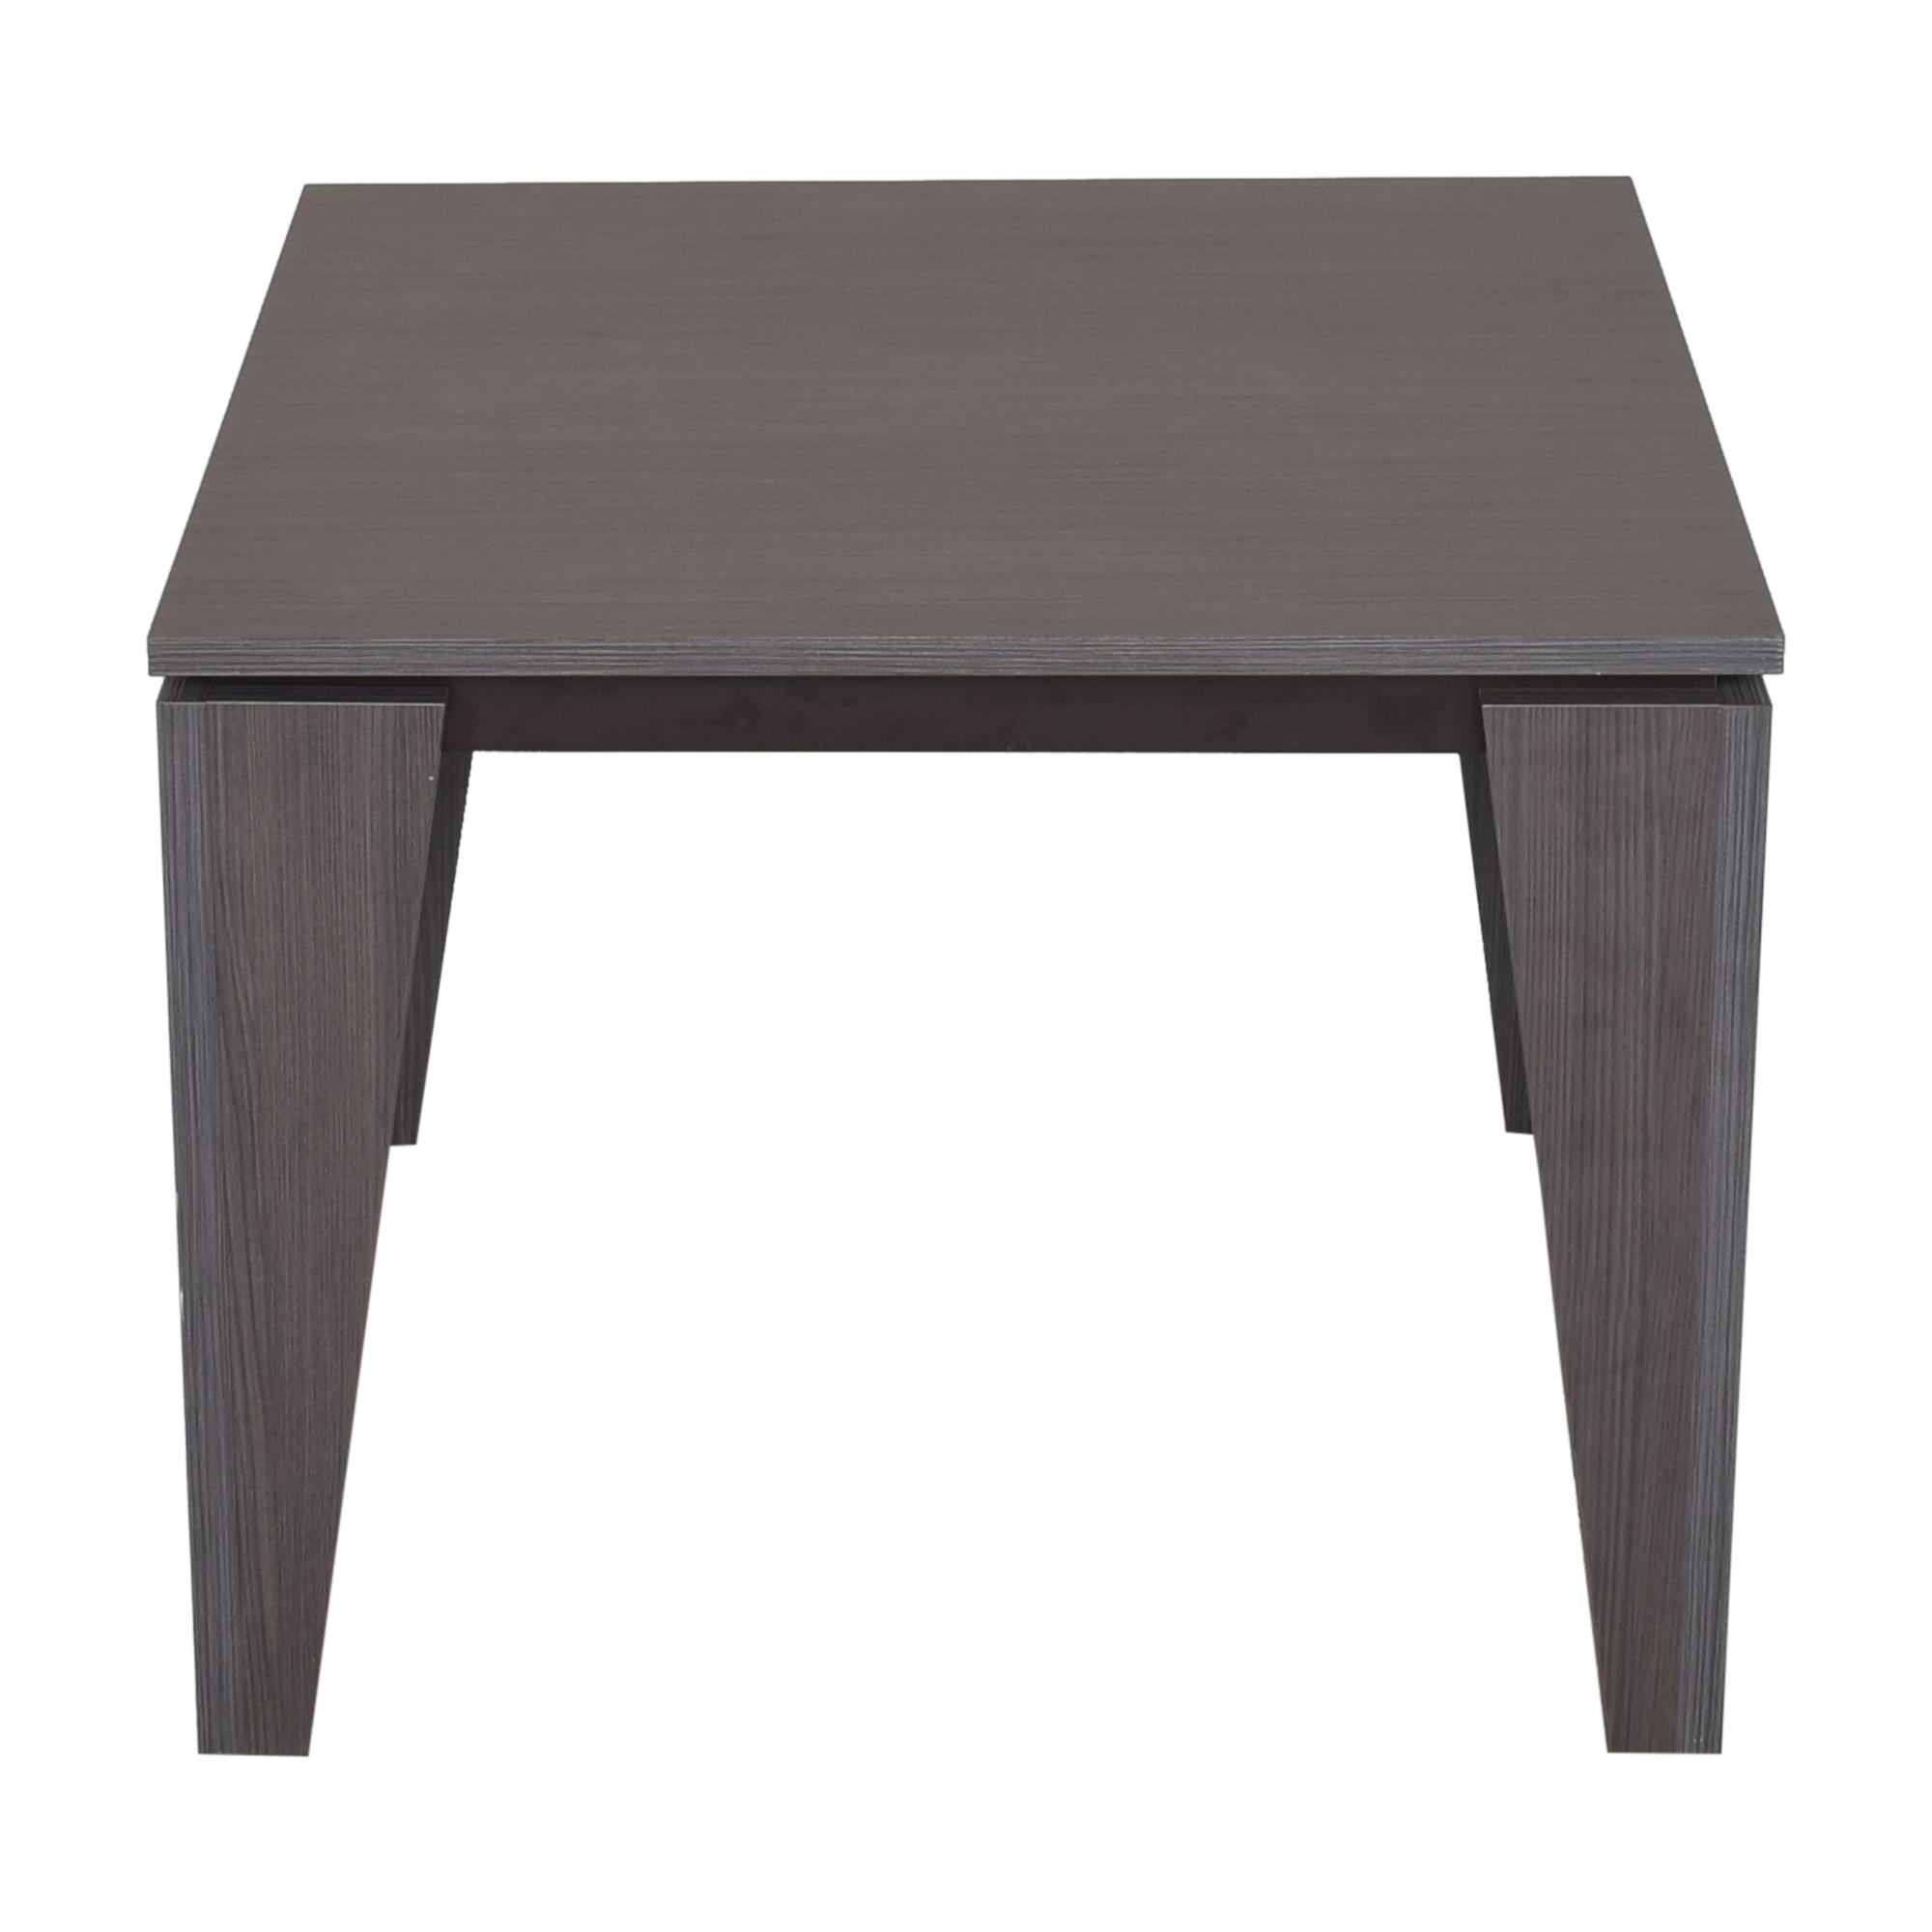 buy Lazzoni Terra Extendable Dining Table Lazzoni Tables